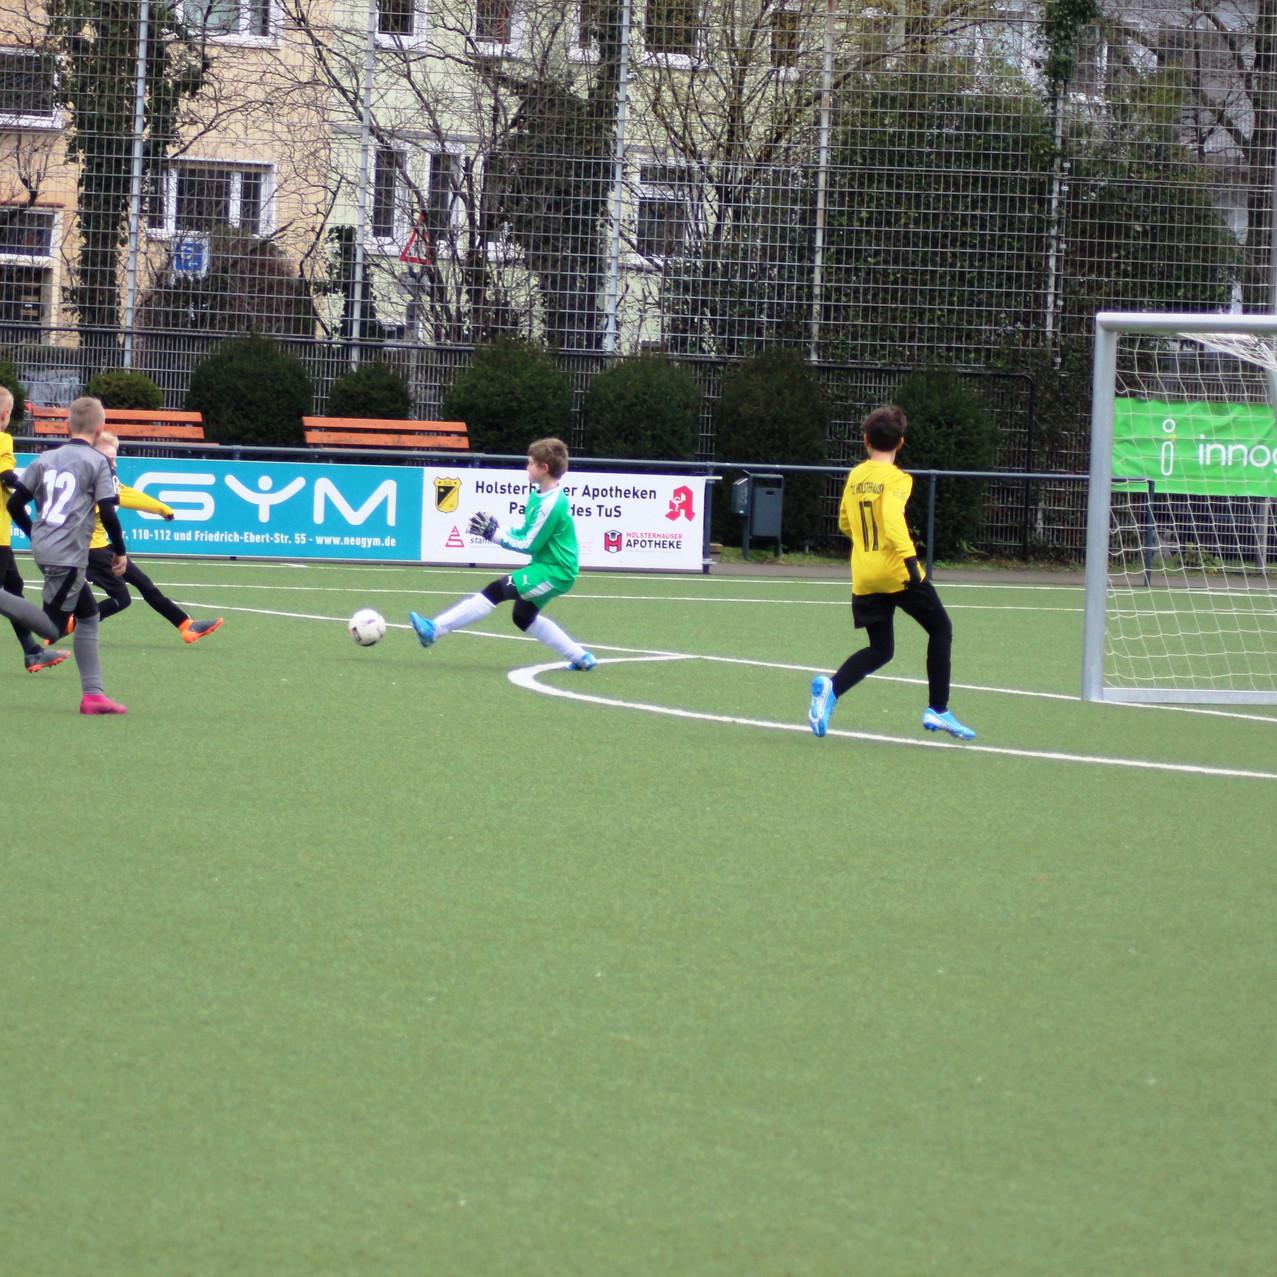 TuS D3 vs Schönebeck